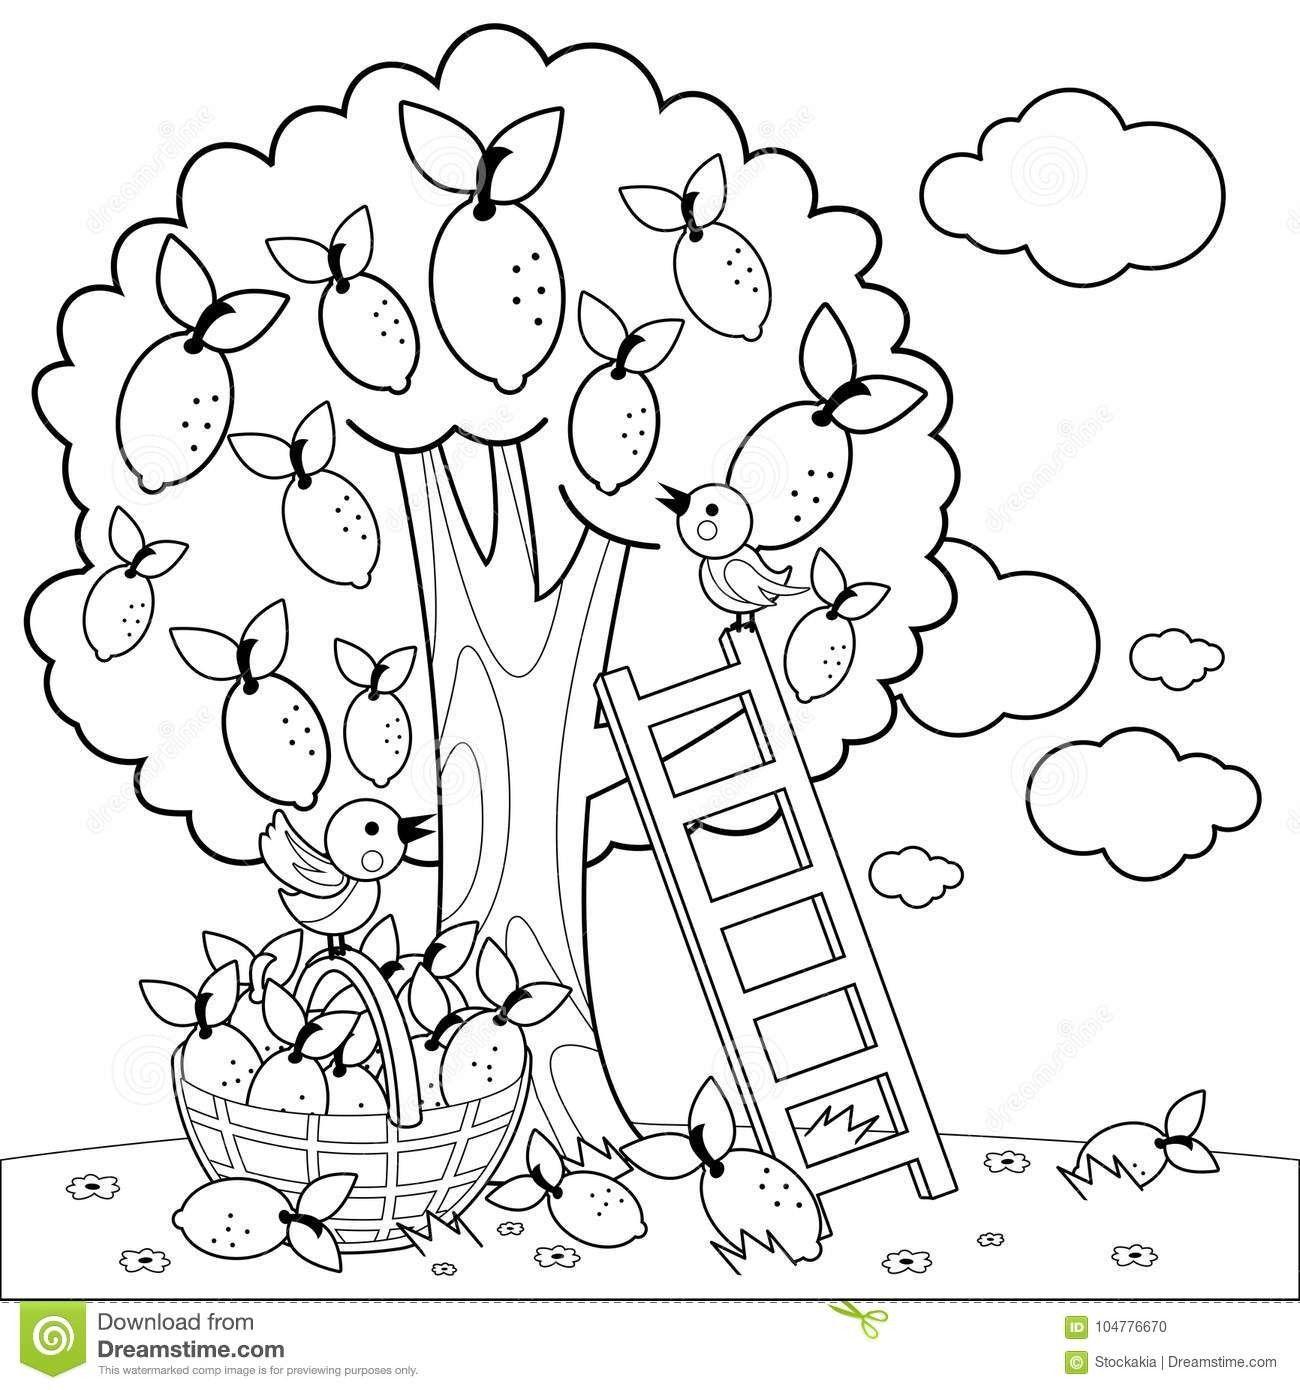 Lemon Tree Harvesting Coloring Book Page Vector Illustration Birds Ladder Basket Harvested Lemons B Tree Coloring Page Fruit Coloring Pages Coloring Book Pages